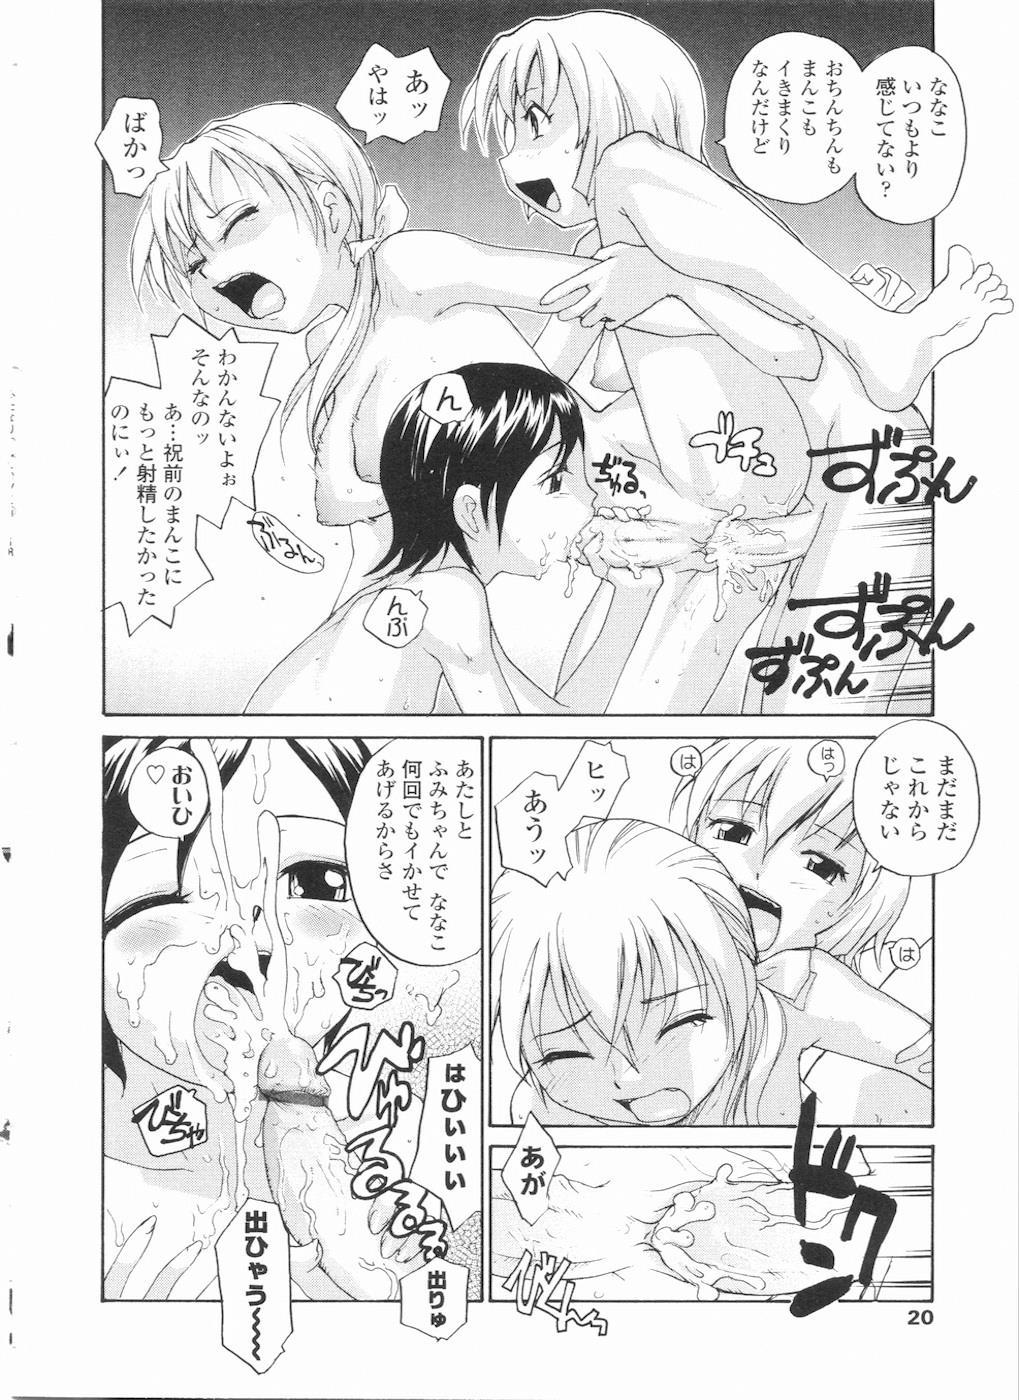 Futanarikko LOVE 11 21